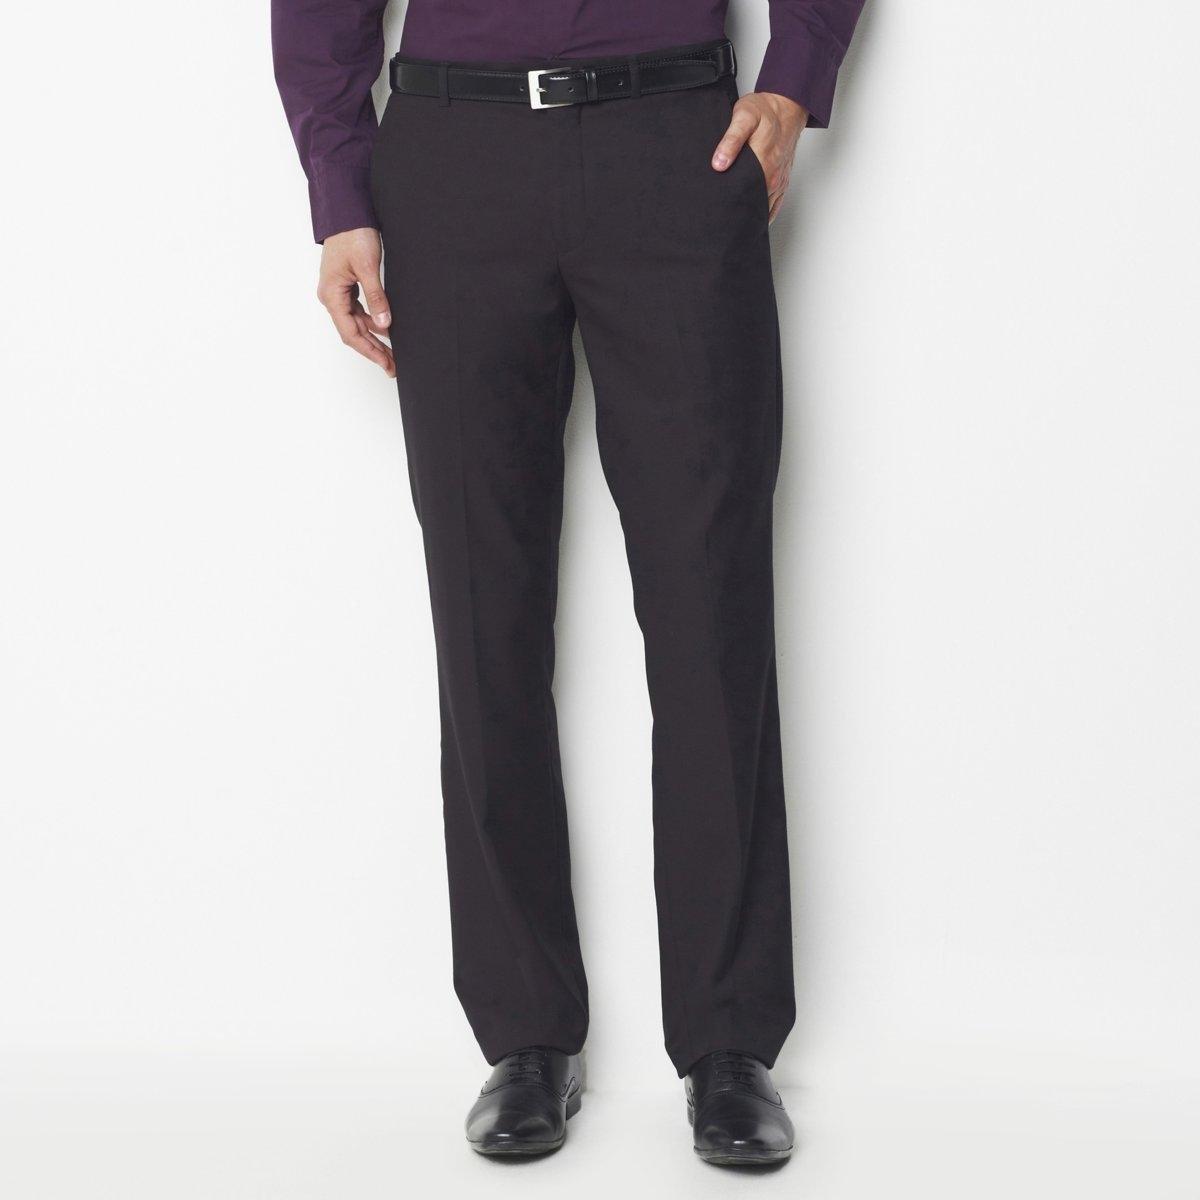 Брюки костюмные из синтетического материалаДетали •  Костюмные брюки •  Высота пояса стандартнаяСостав и уход •  30% вискозы, 70% полиэстера •  Tемпература стирки 30° на деликатном режиме •  Допускается чистка любыми растворителями / отбеливание запрещено •  Не использовать барабанную сушку •  Низкая температура глажки<br><br>Цвет: черный<br>Размер: 40 (FR) - 46 (RUS).42 (FR) - 48 (RUS).38 (FR) - 44 (RUS).52 (FR) - 58 (RUS).36 (FR) - 42 (RUS)